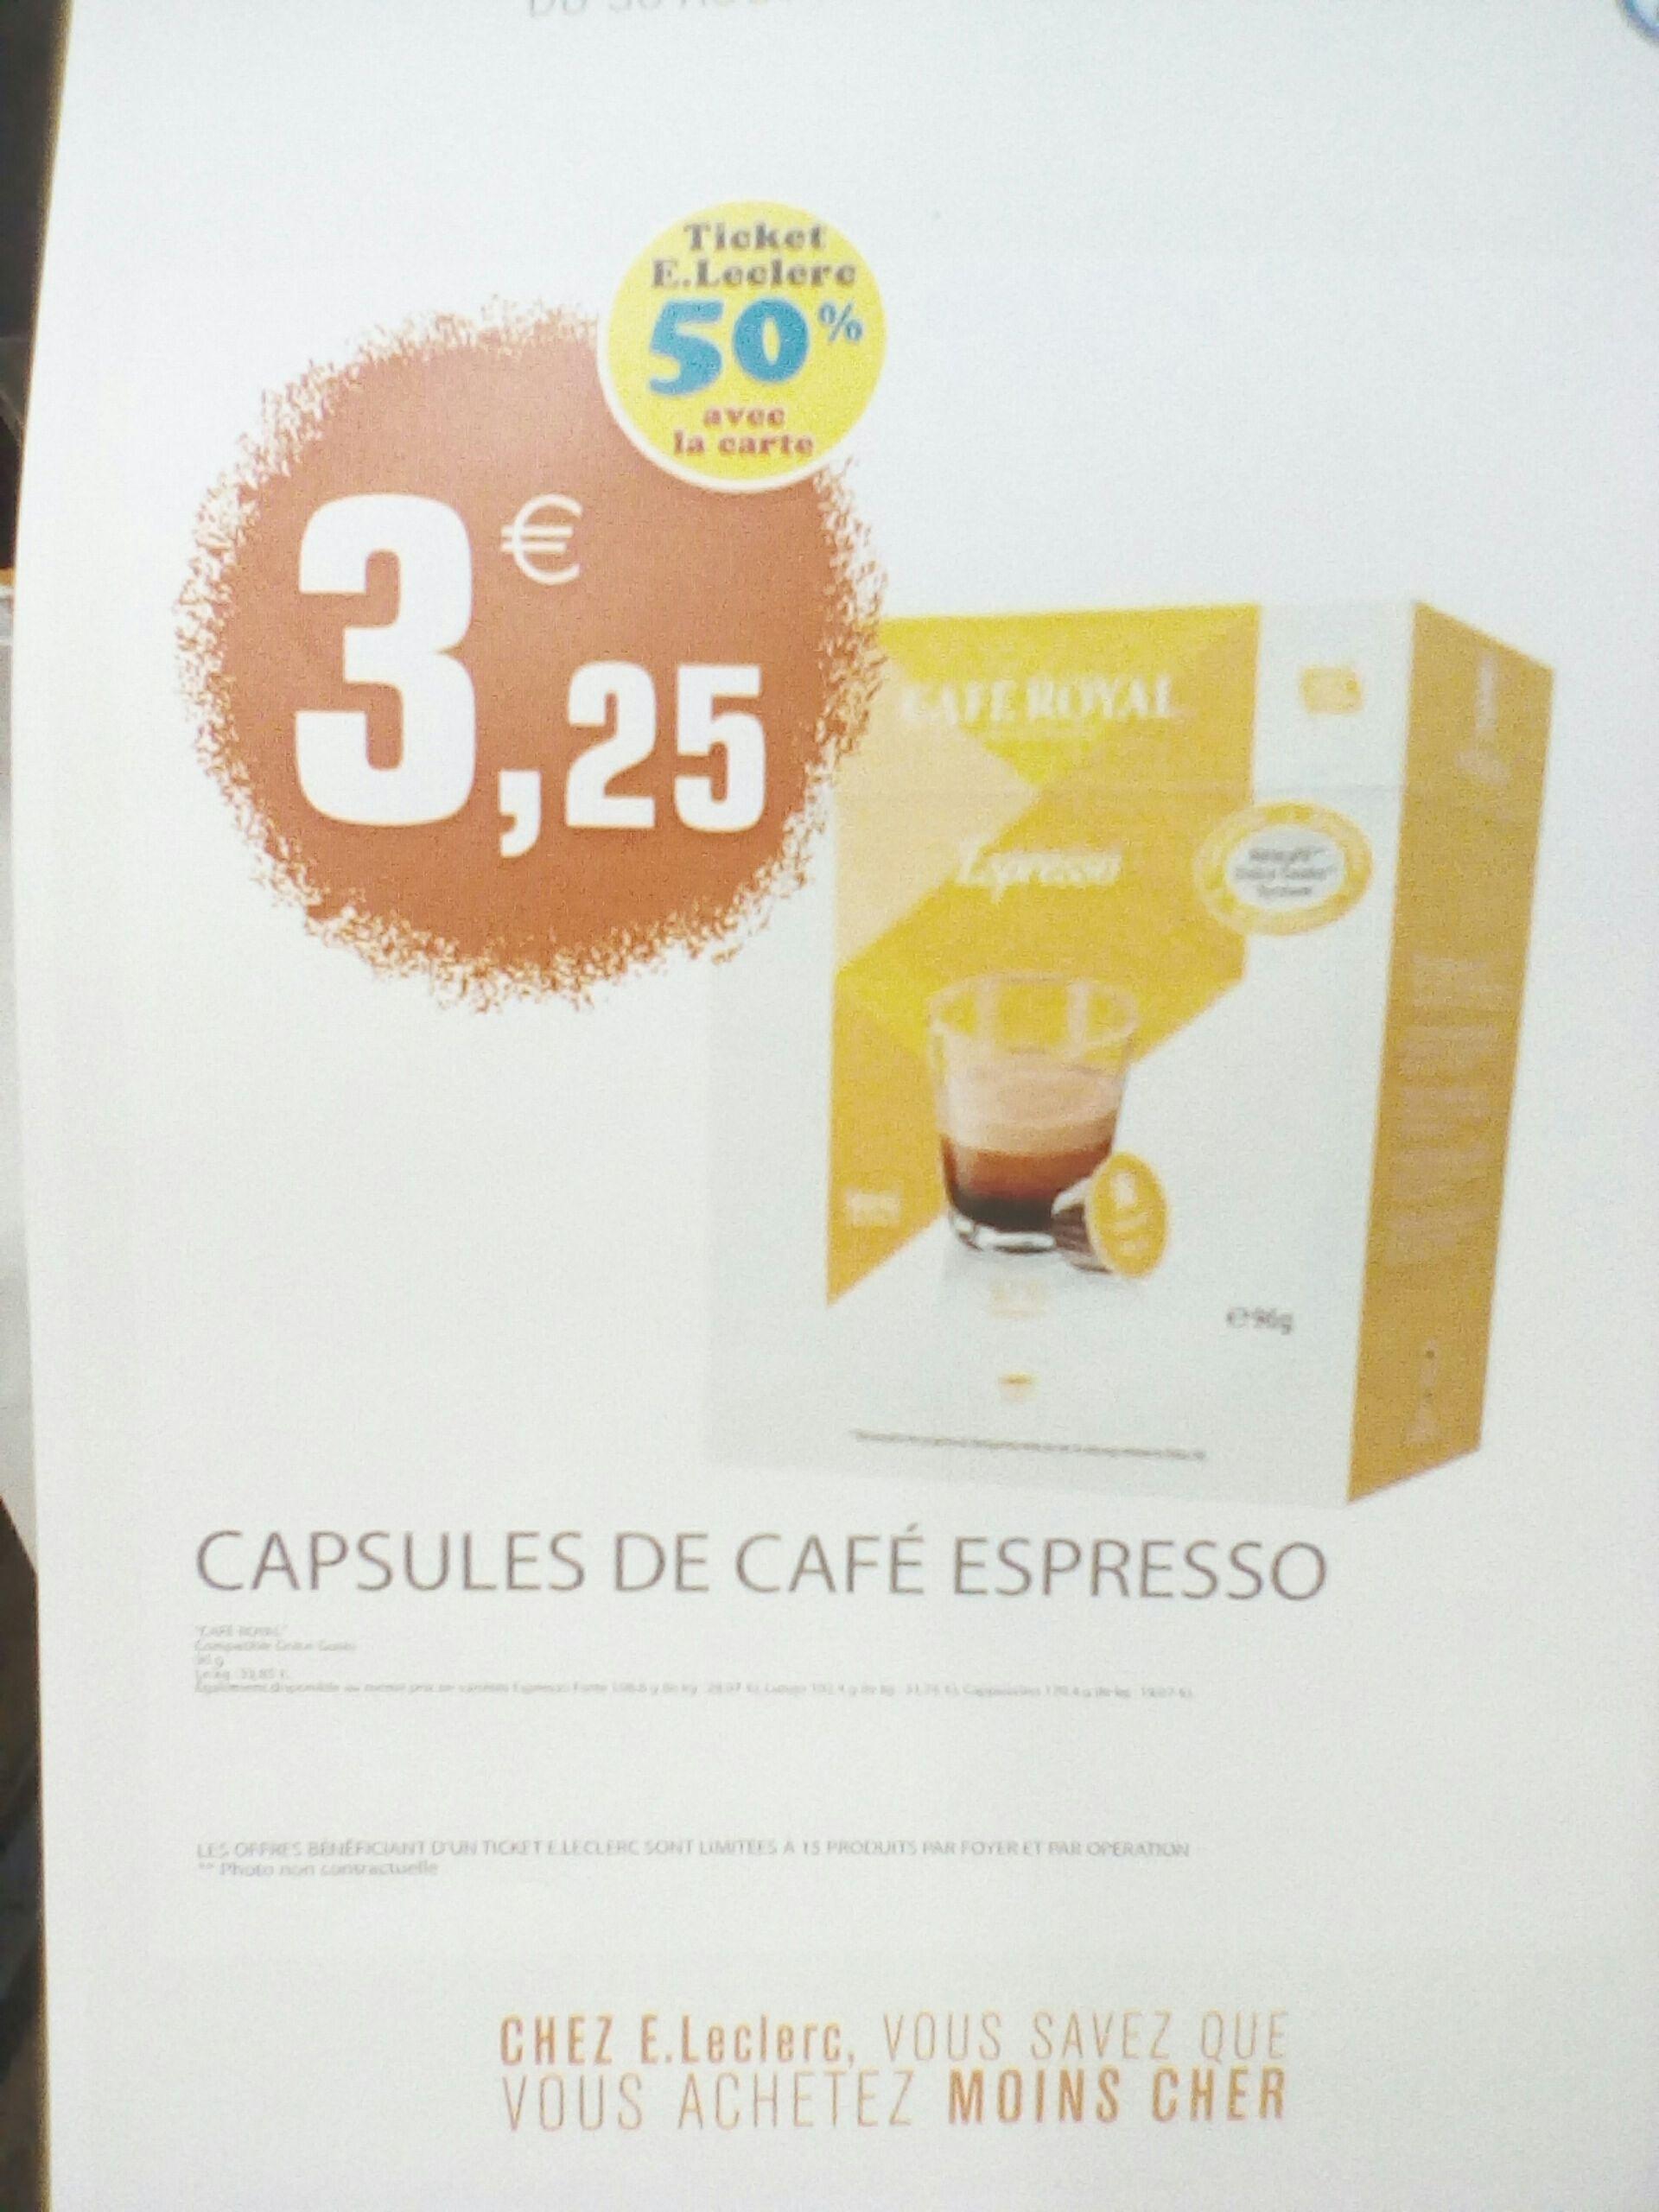 10 capsules de Café Royal compatible Dolce Gusto (via 1.62€ fidélité)